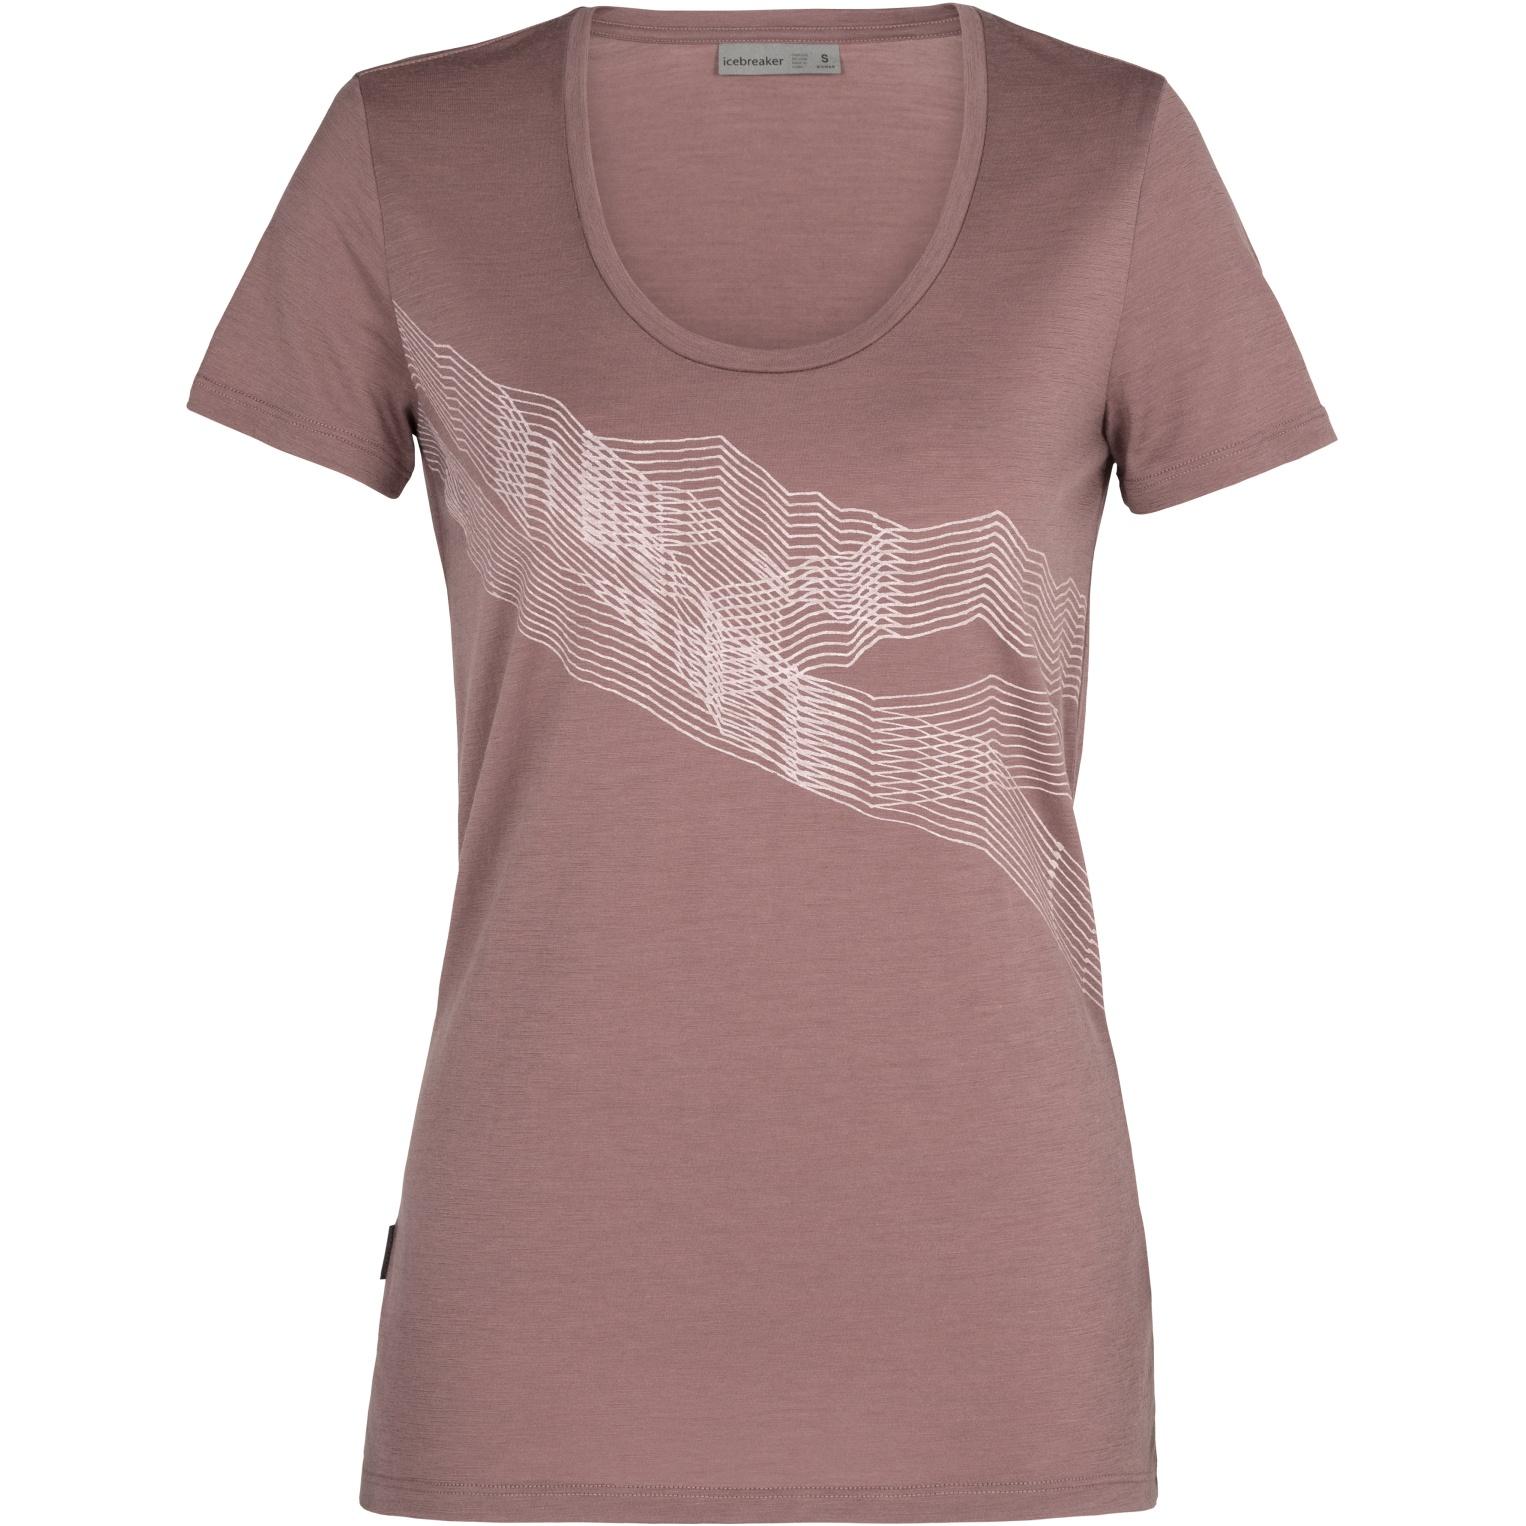 Produktbild von Icebreaker Tech Lite Scoop St Anton Damen T-Shirt - Suede